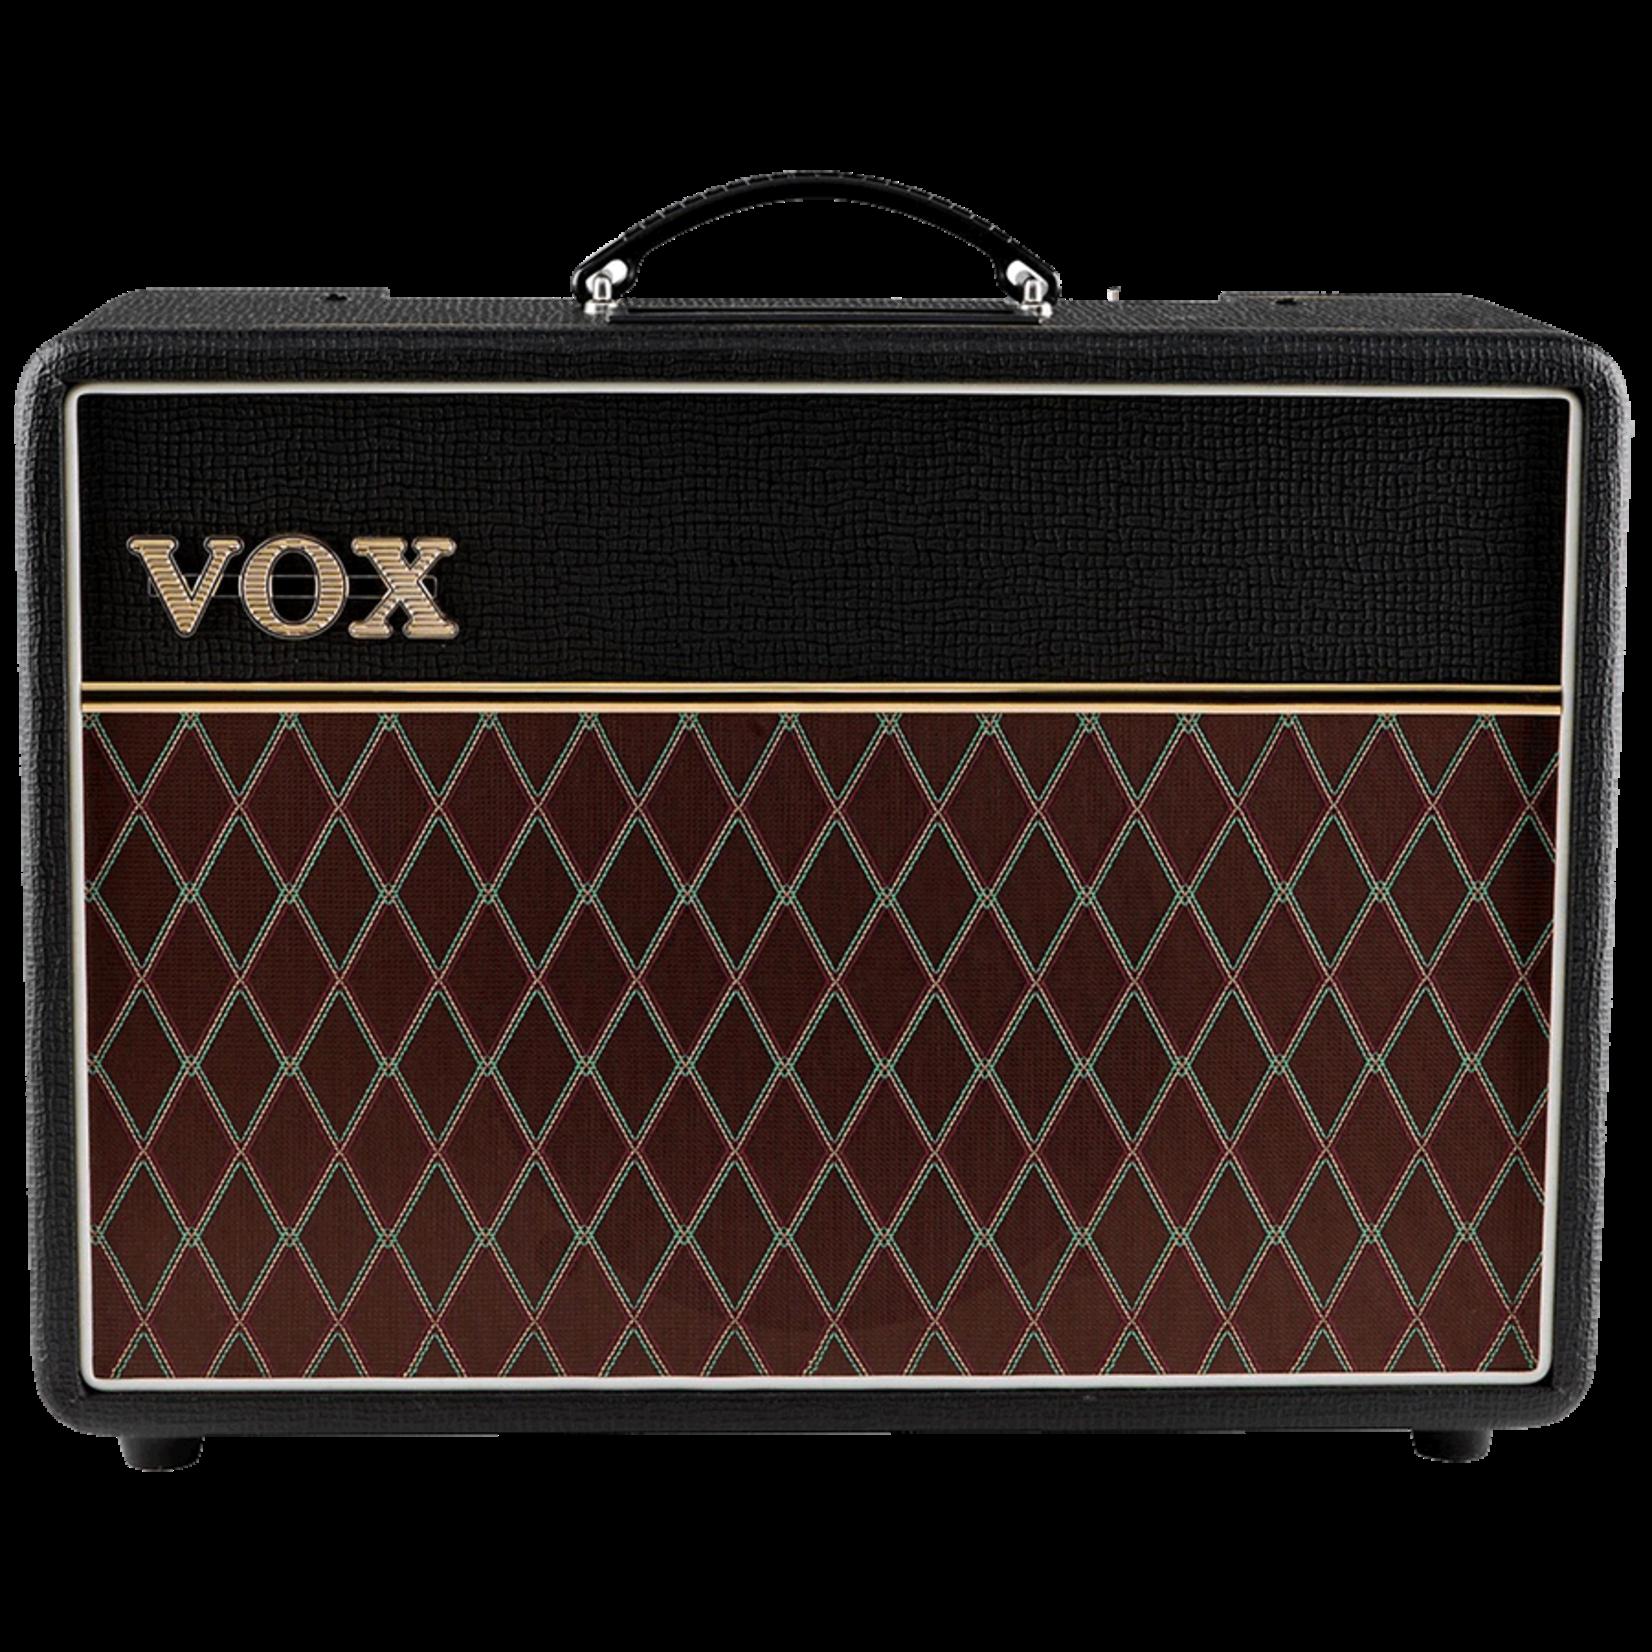 Vox Vox AC10C1 Guitar Amp